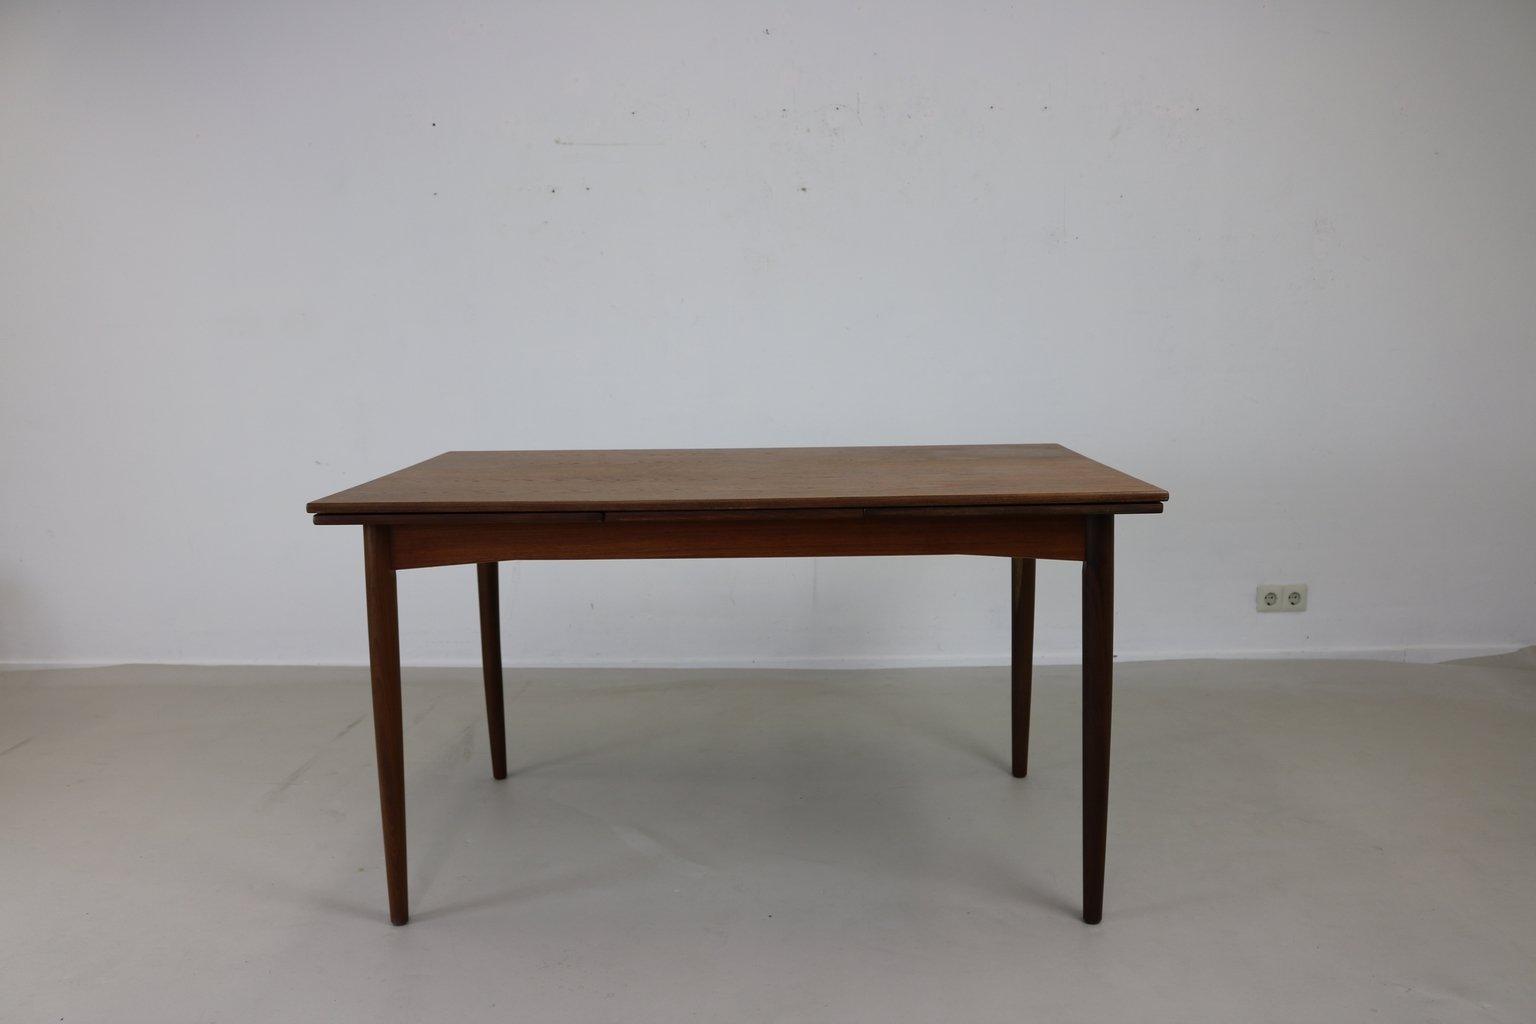 d nischer esstisch aus teak 1965 bei pamono kaufen. Black Bedroom Furniture Sets. Home Design Ideas